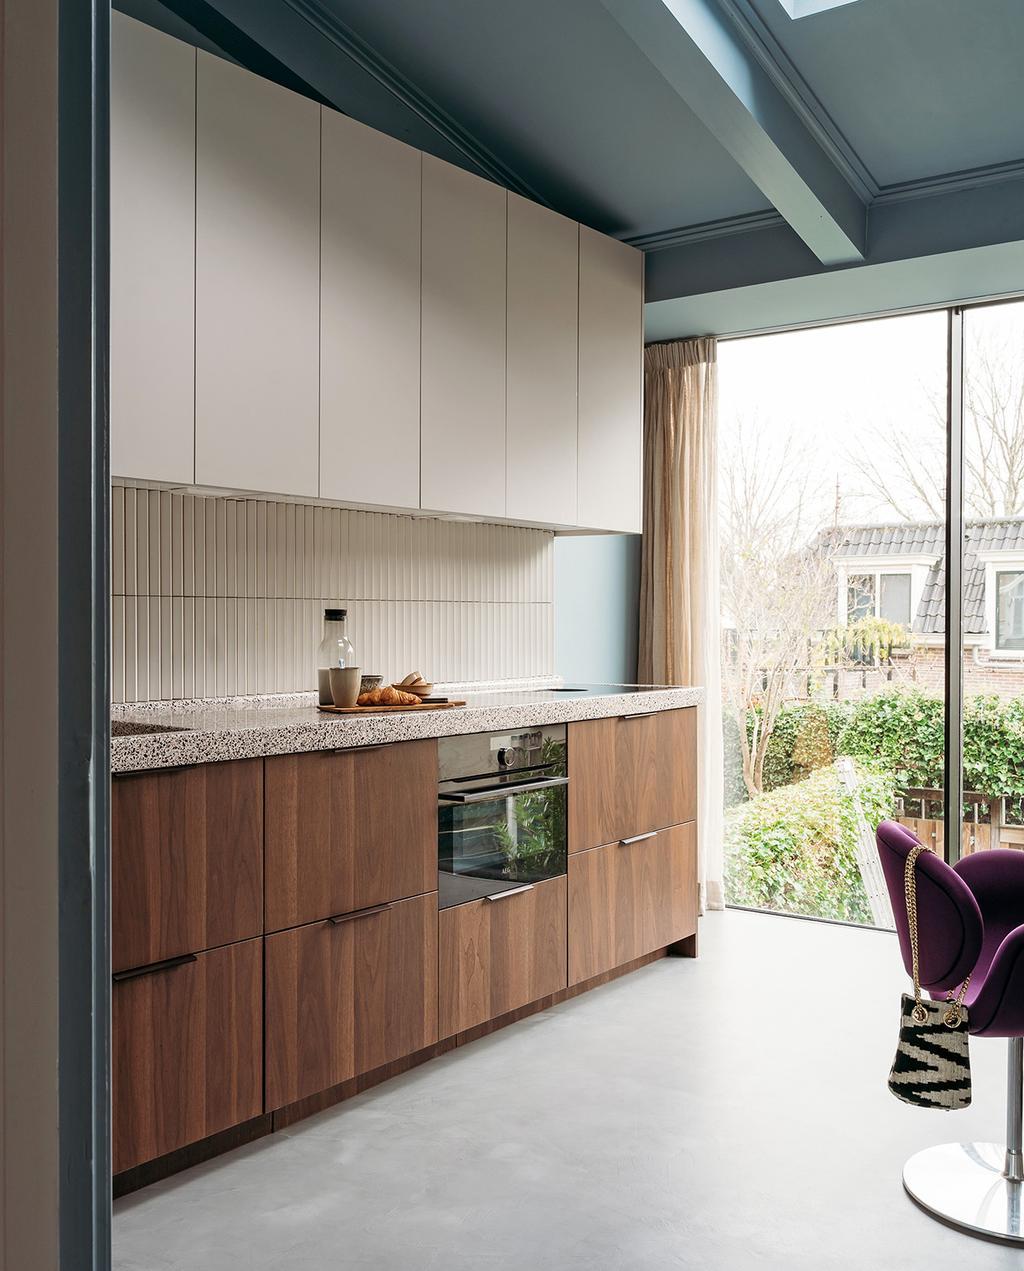 vtwonen 03-2021 | keuken met wandtegels en raam